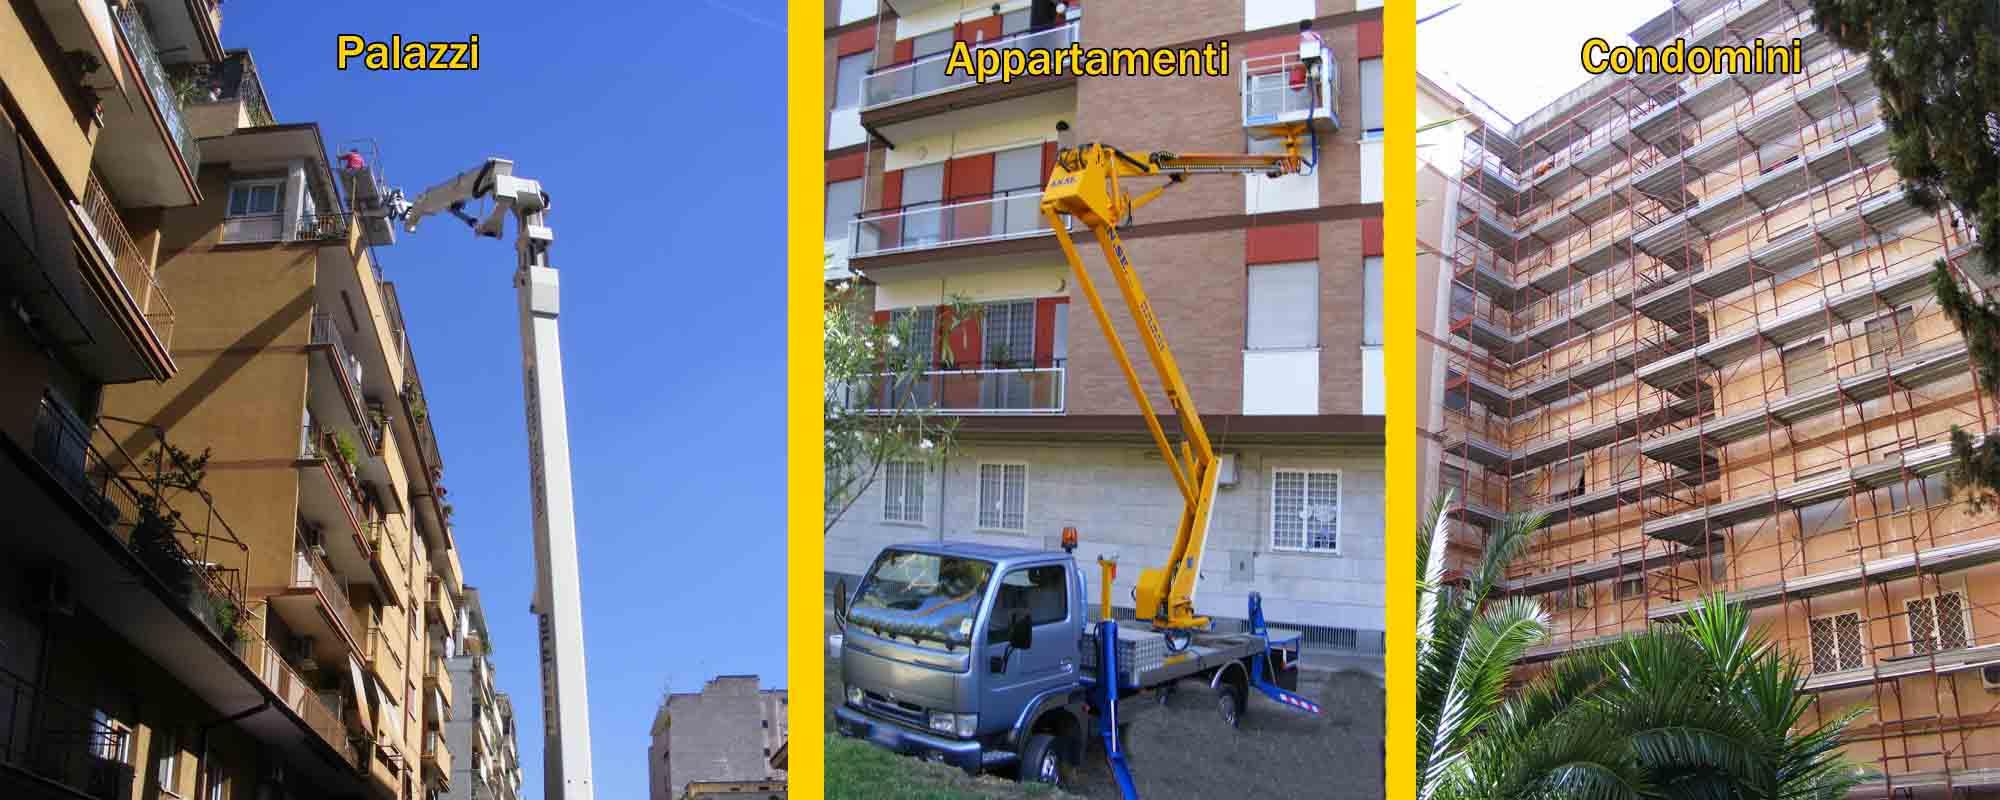 slide palazzi condomini appartamenti